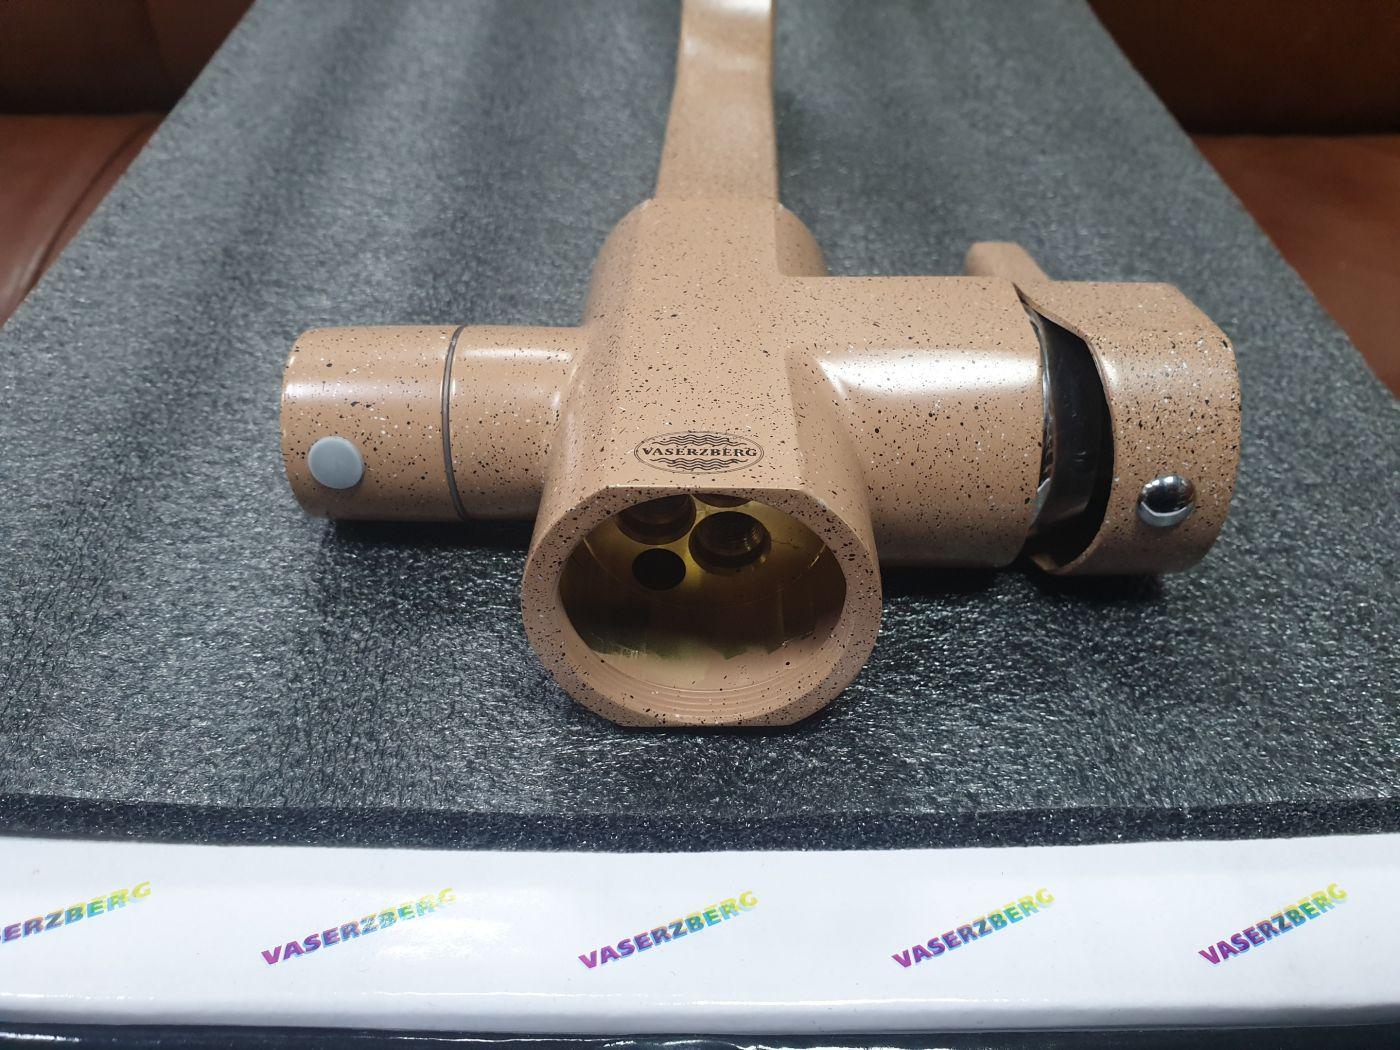 Vaserzberg VS-1905T Смеситель для кухни с выходом под фильтр